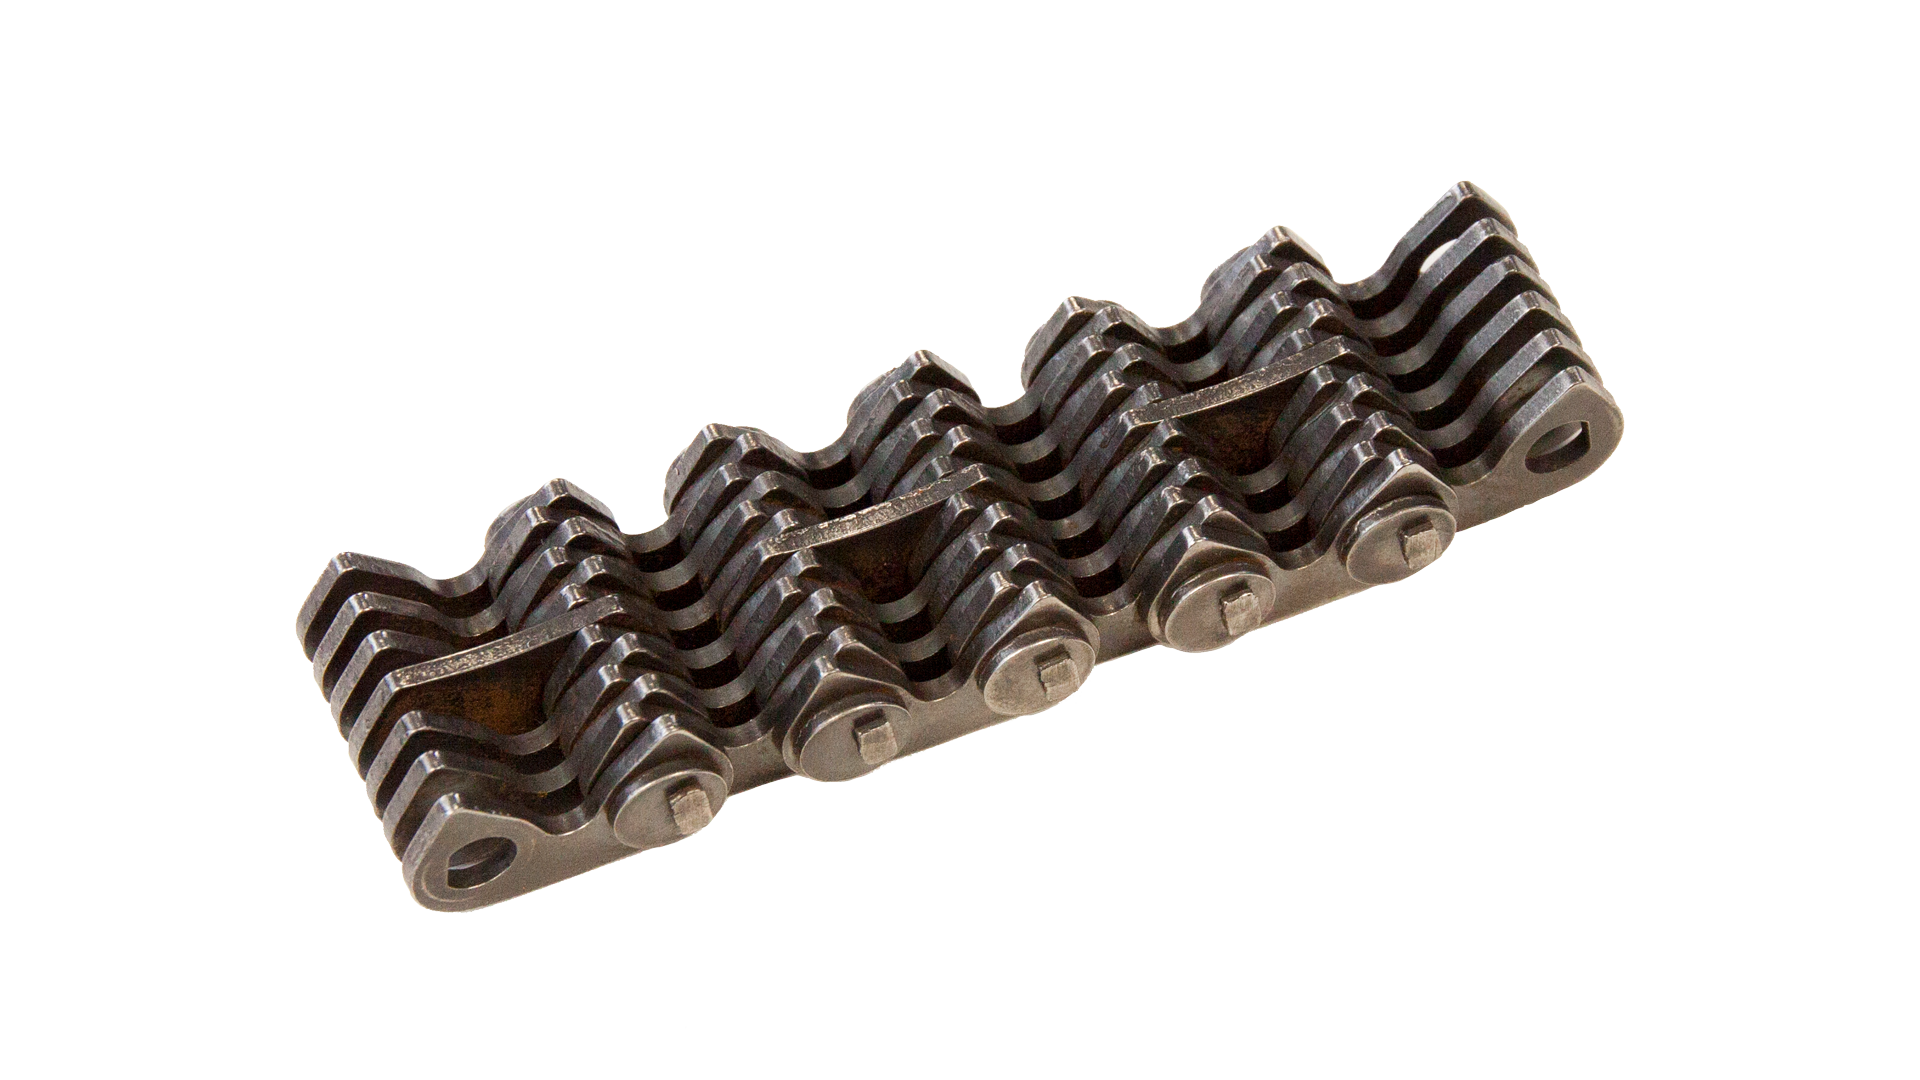 Zahnkette, mit 2-Zapfengelenk und Innenführung (2)